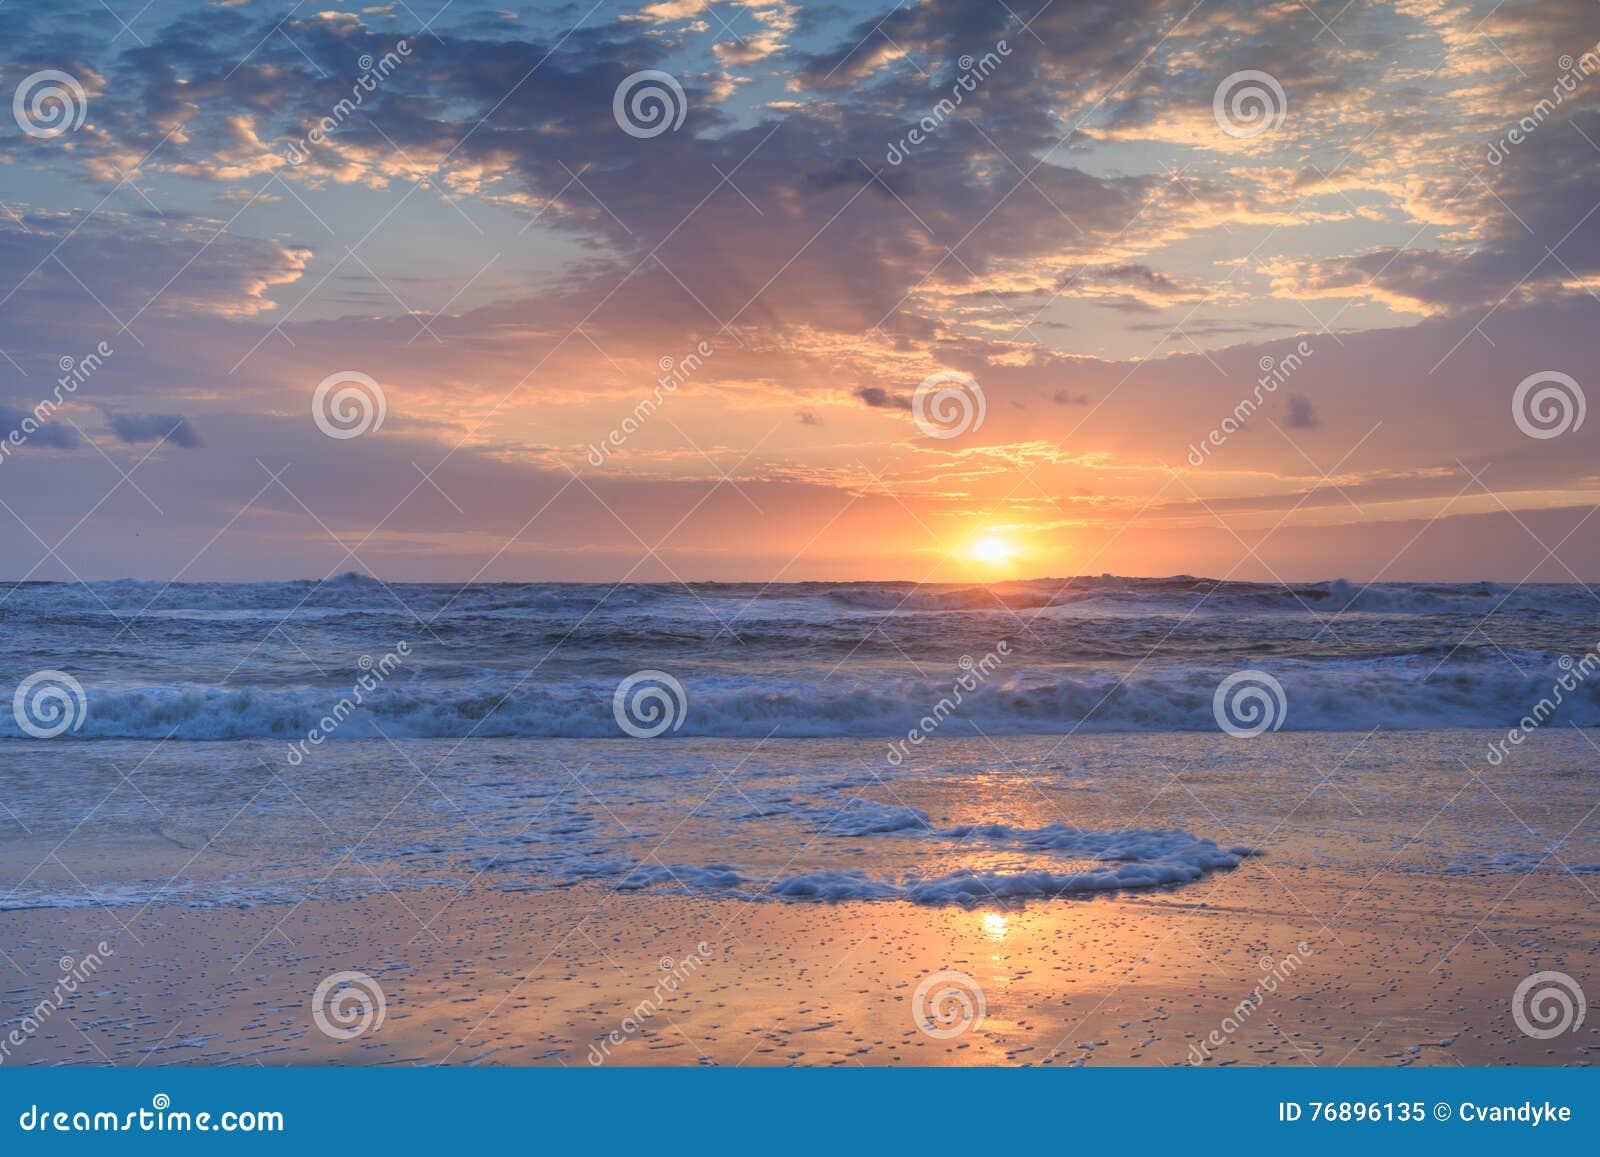 Küstenhintergrund-Atlantik-Sonnenaufgang horizontal